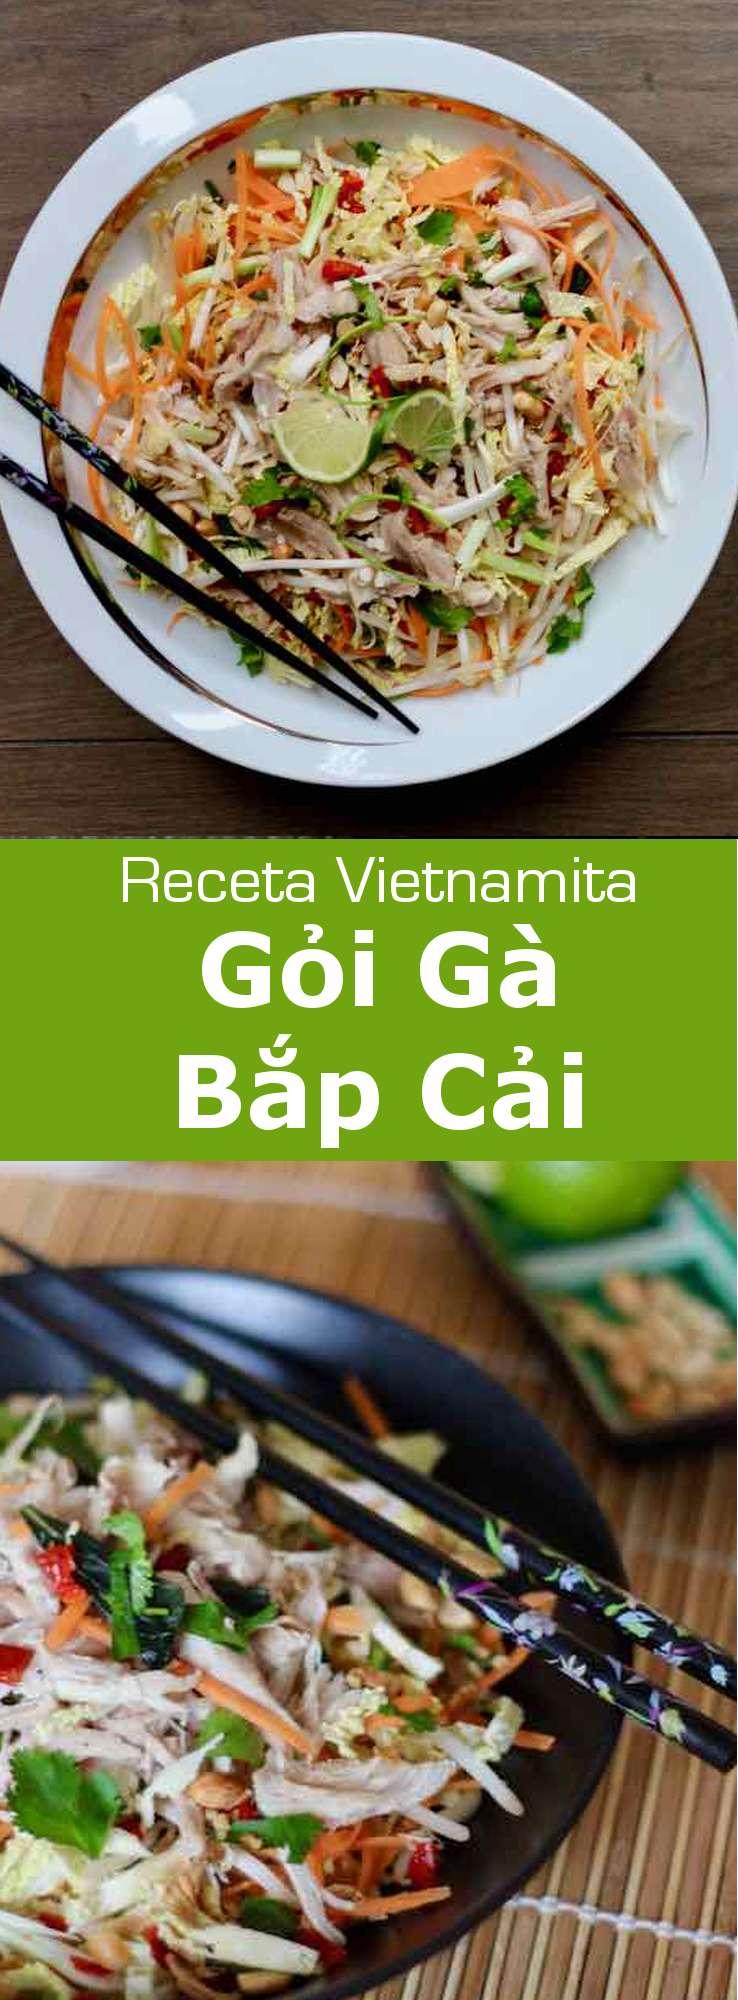 El gỏi gà bắp cải es una ensalada tradicional vietnamita con pollo y col, que está deliciosamente aromatizada con lima y rau răm.